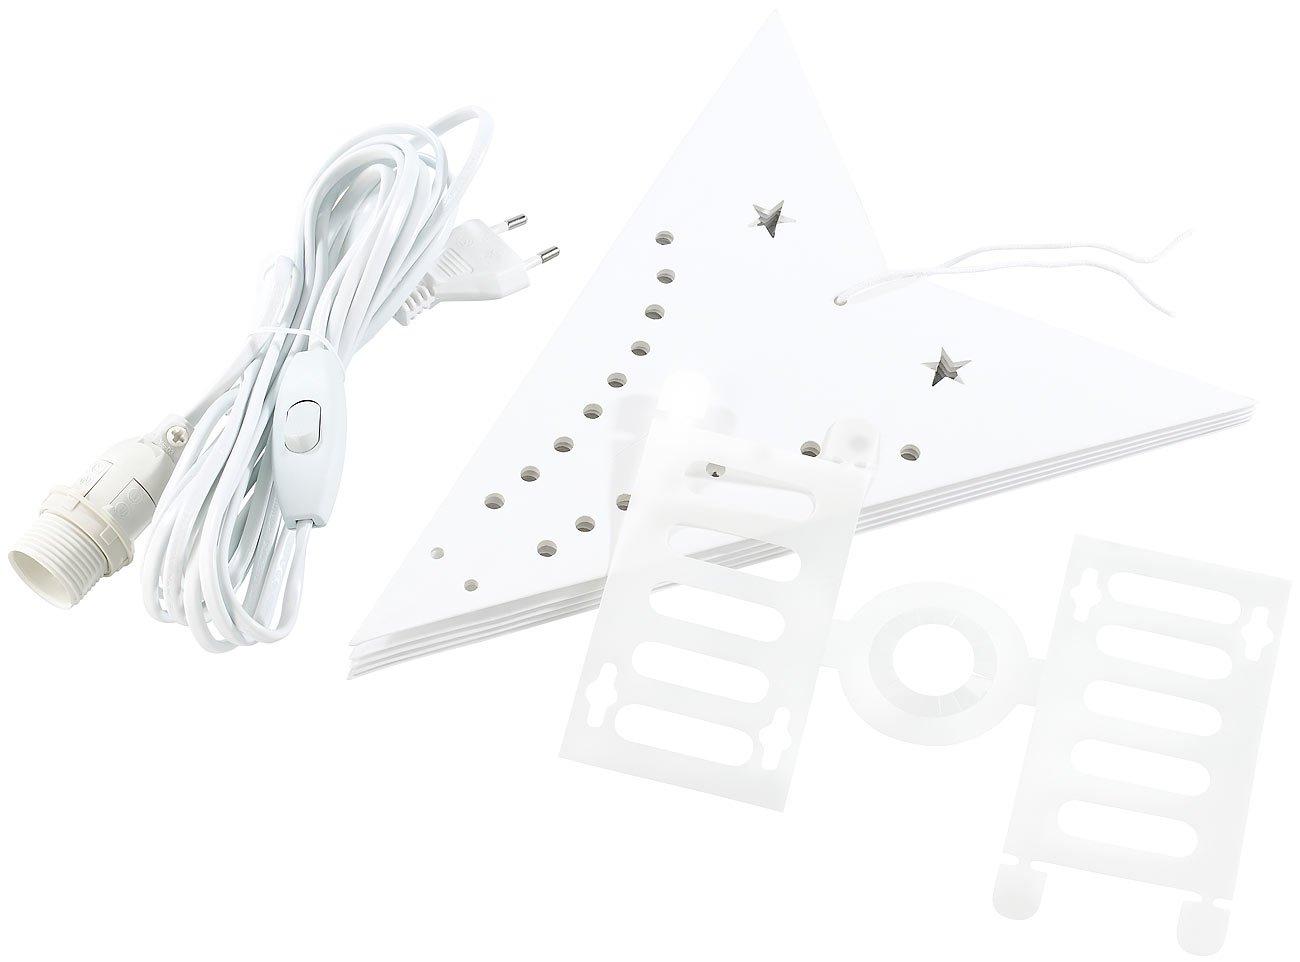 Lunartec-Weihnachtslampe-Stern-3D-Weihnachtsstern-Lampe-Stern-aus-Papier-60-cm-wei-Adventsstern